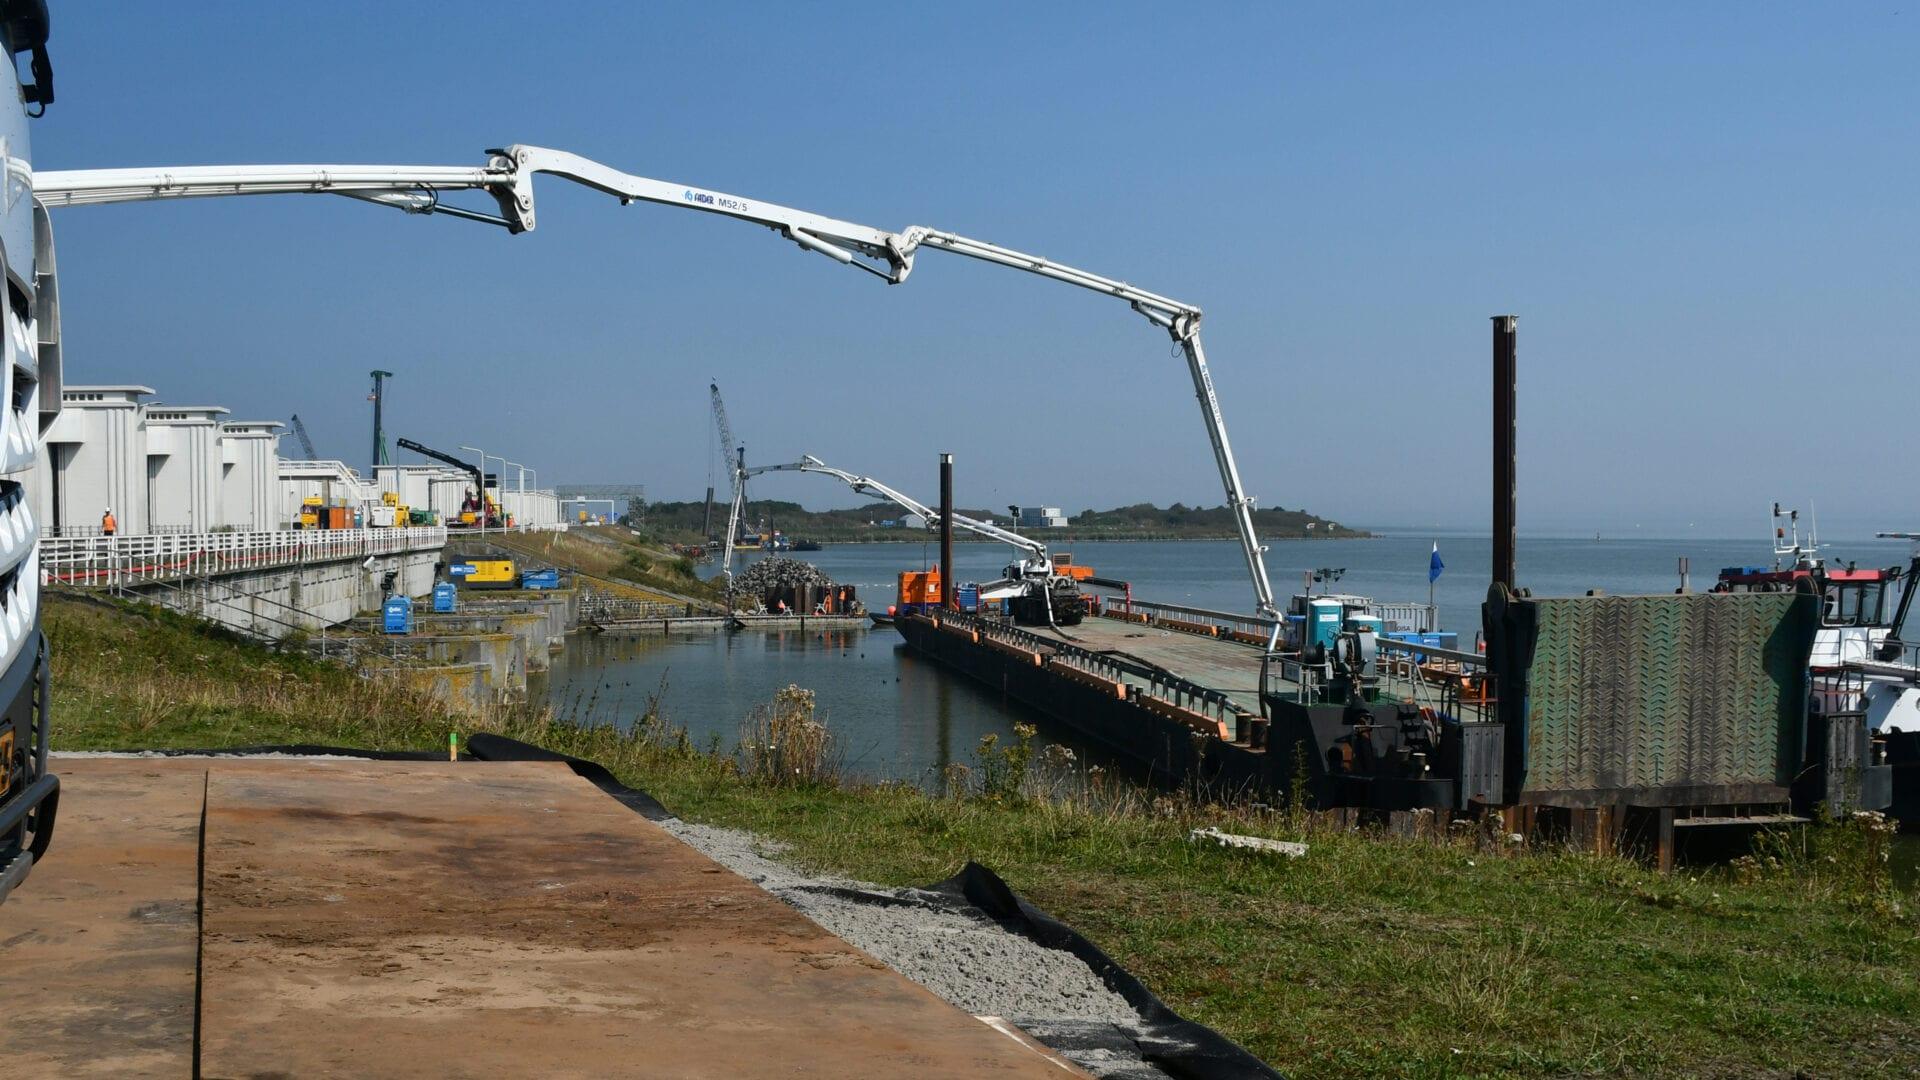 Wij zien een boot die het onderwaterbeton stort. De boot ligt in het water en links zie je een weg met witte sluisgebouwen bij Den Oever.